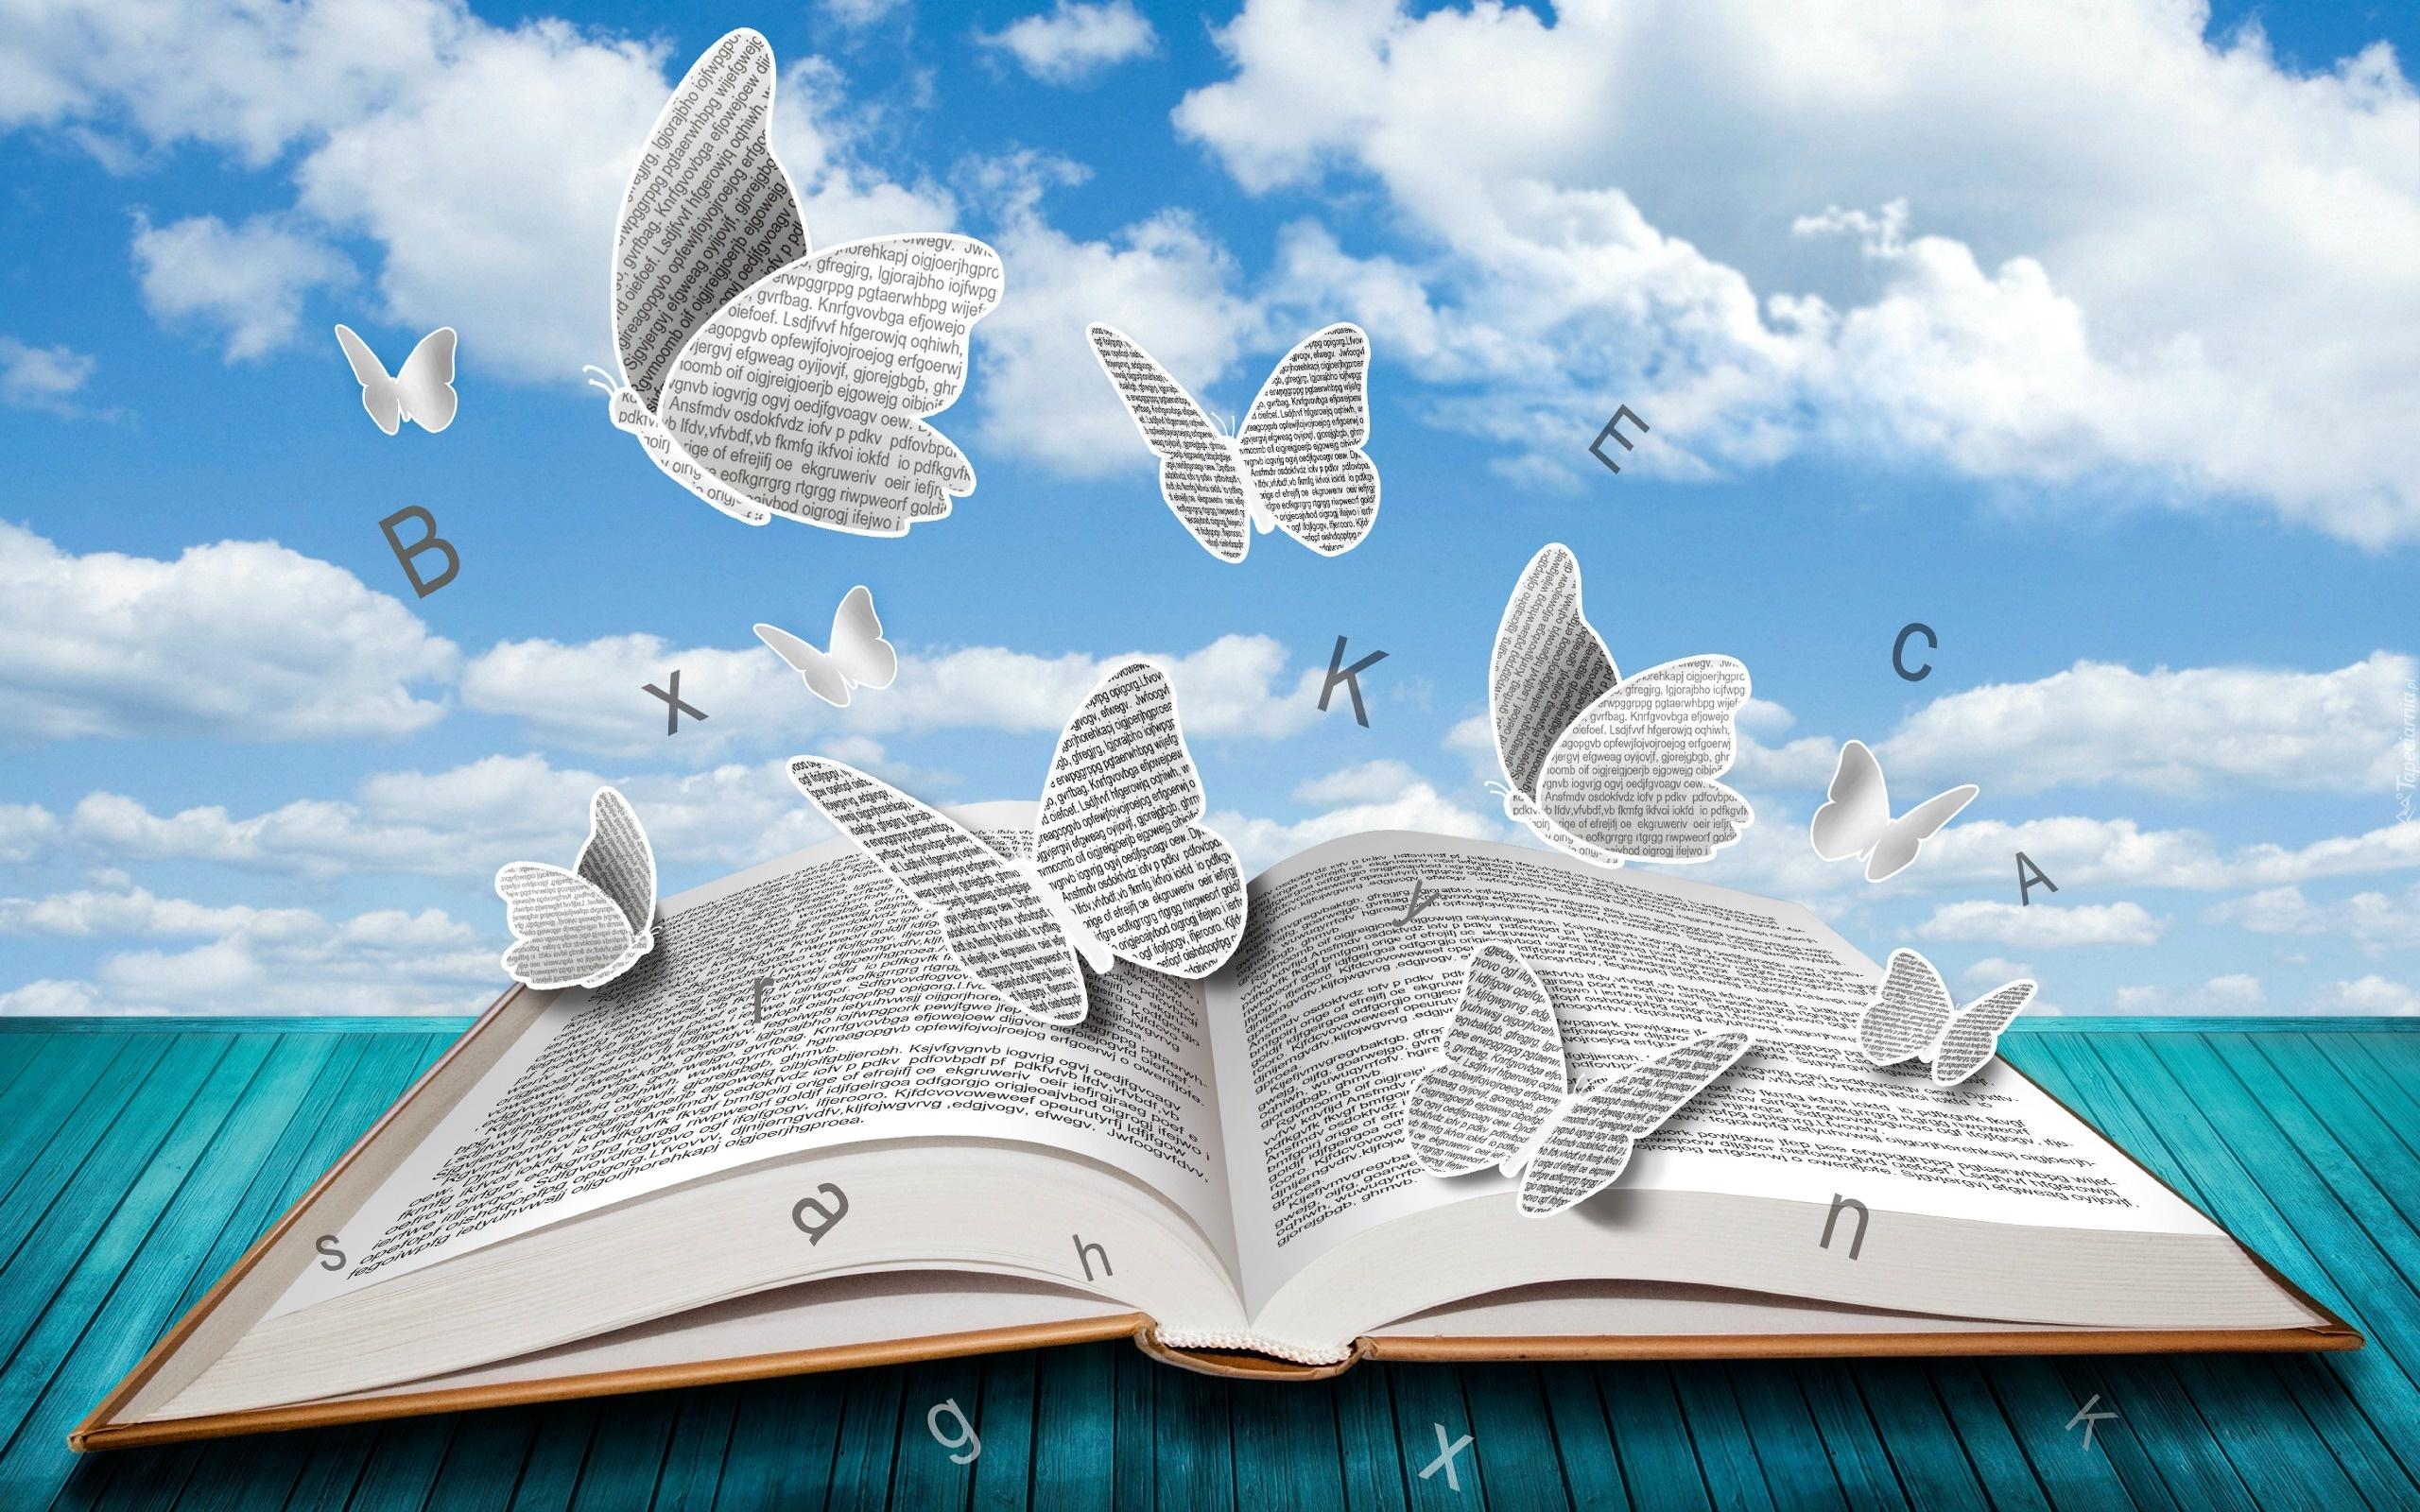 Znalezione obrazy dla zapytania książki tapety